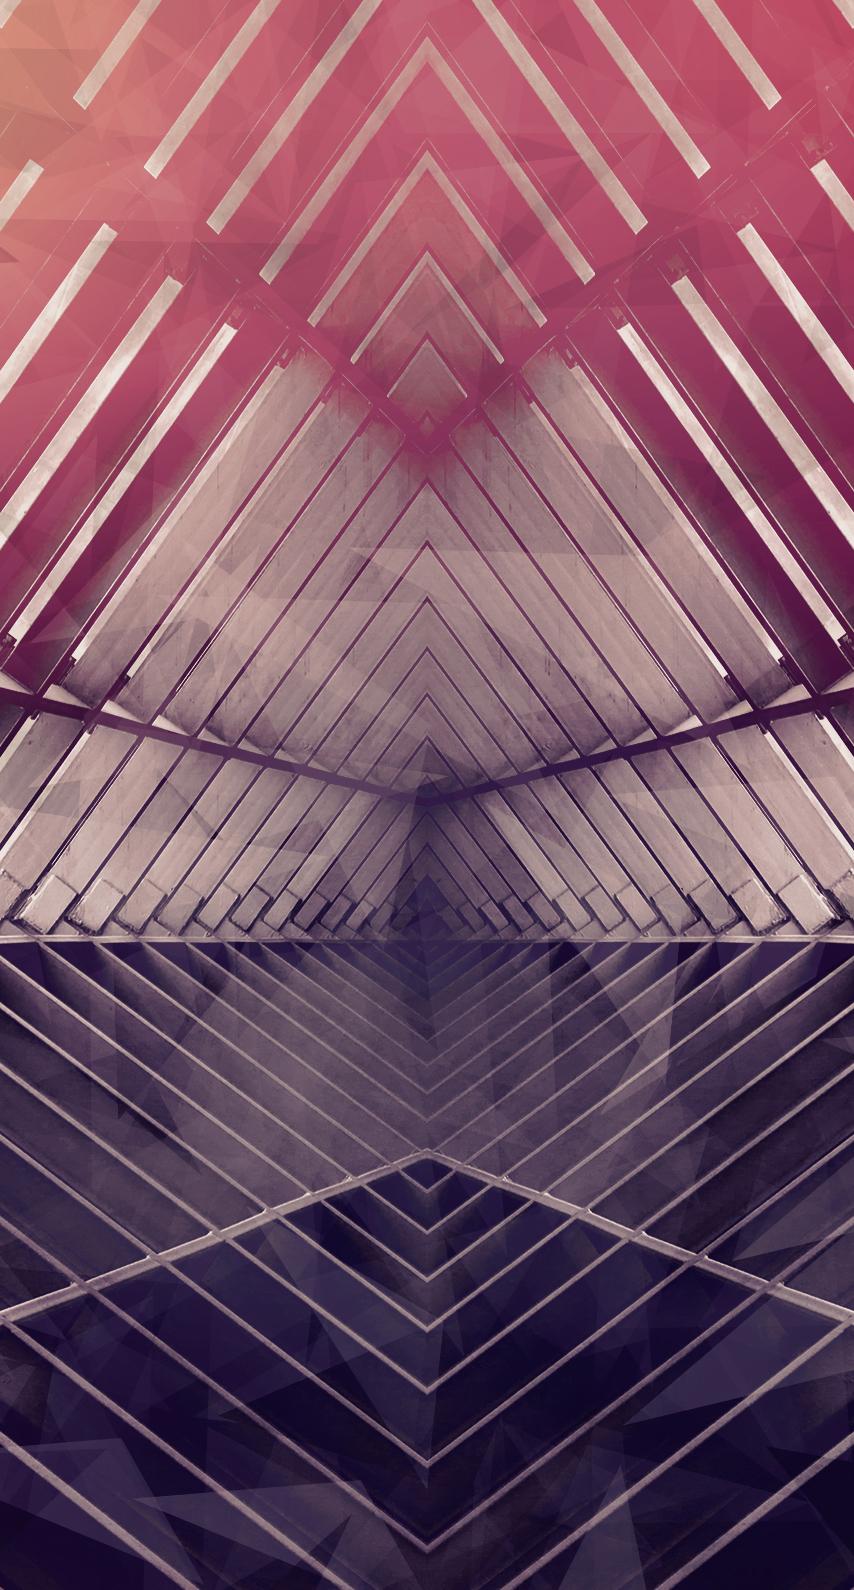 no person, architecture